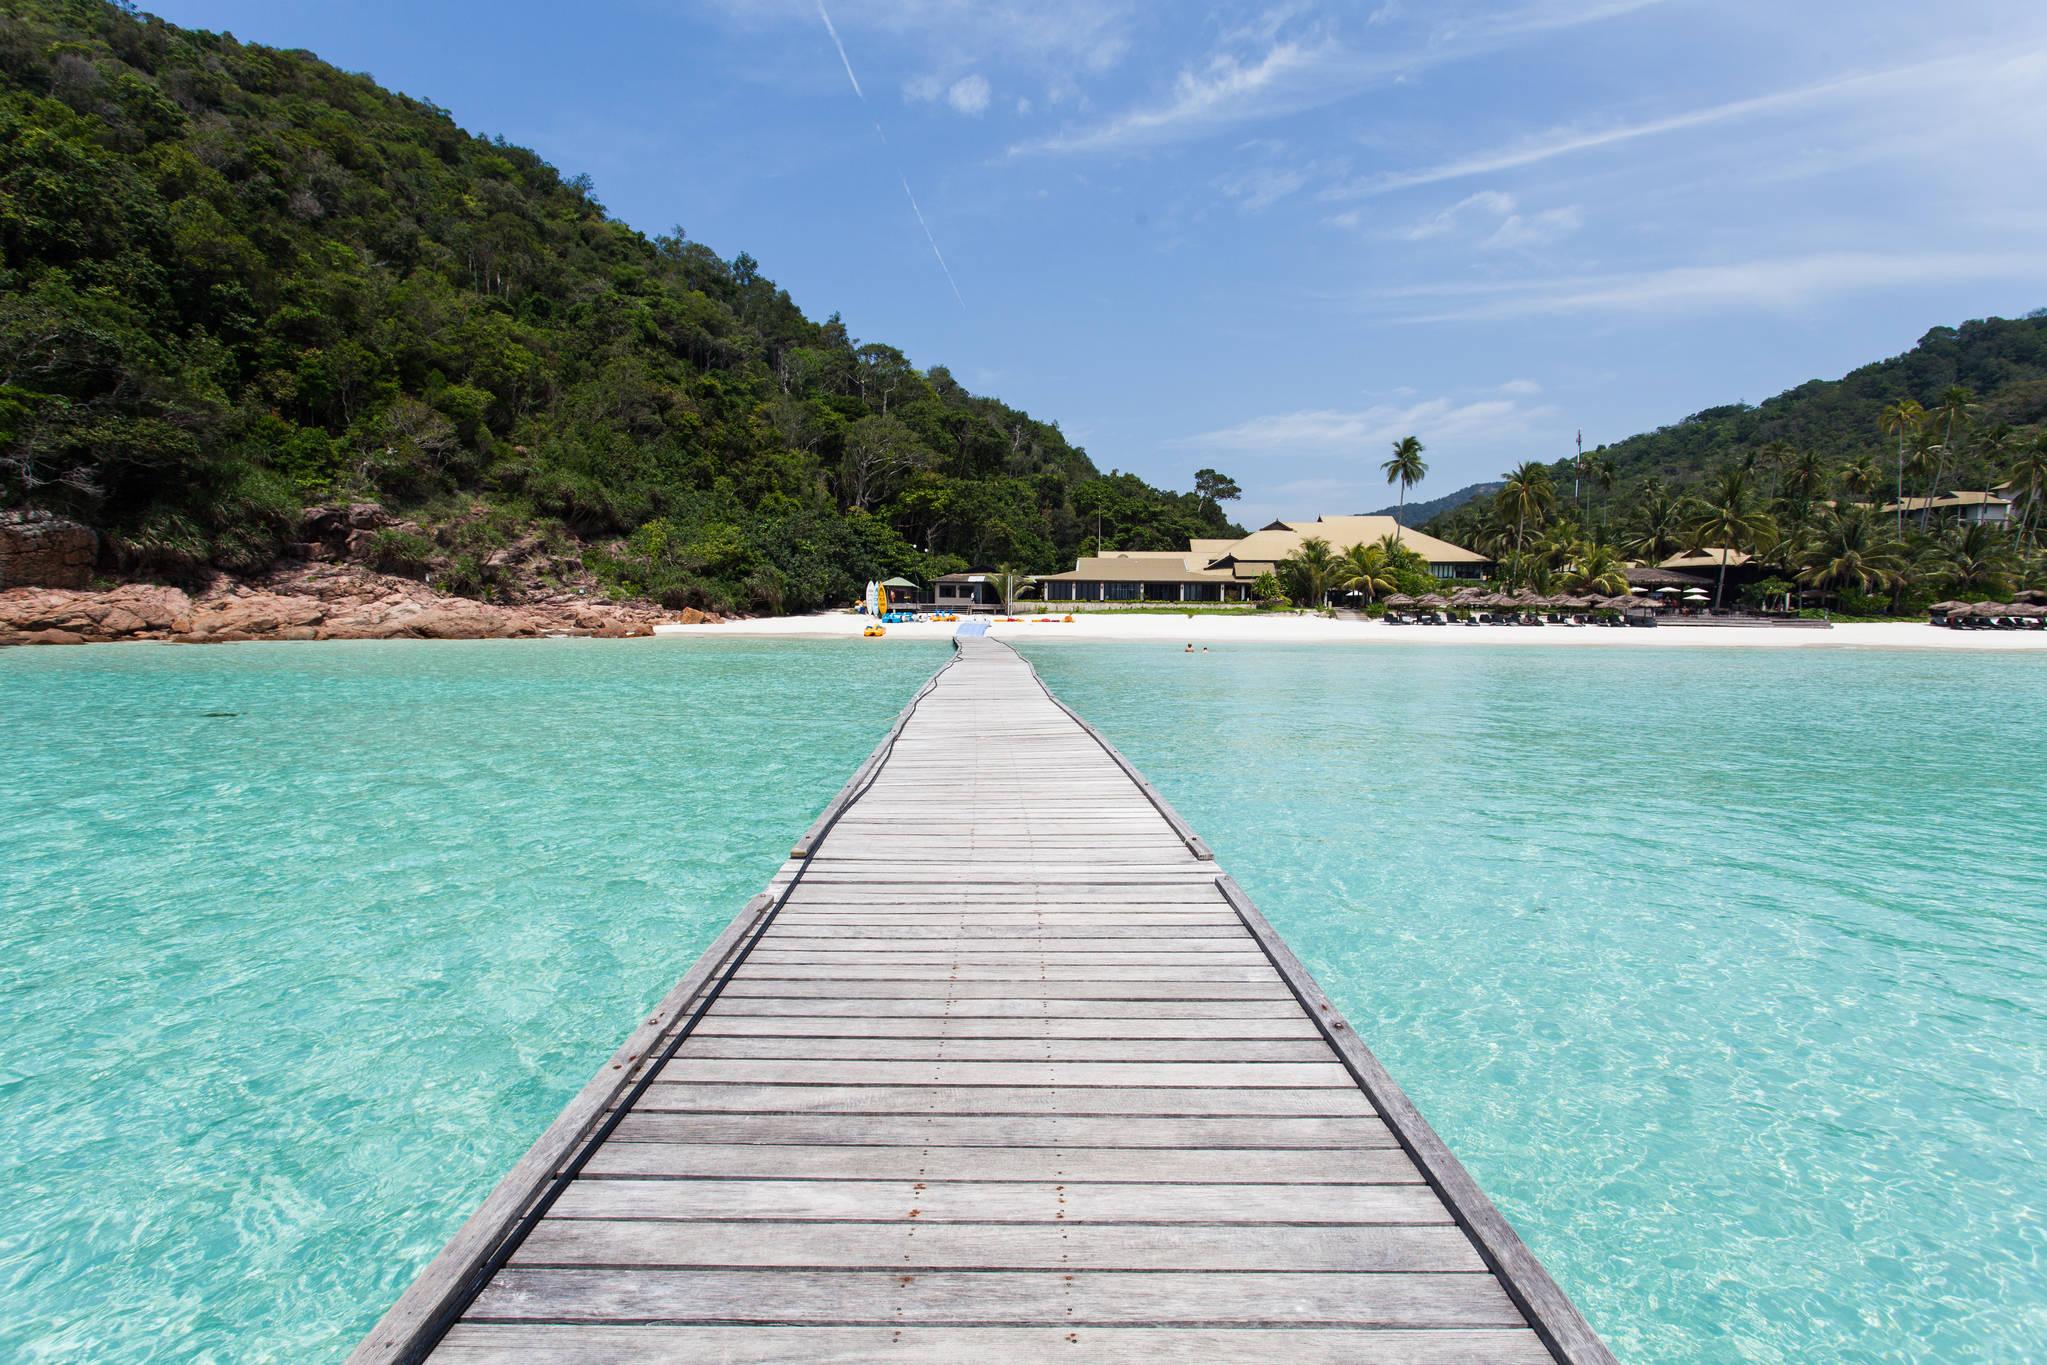 옅은 옥빛을 띠는 해변에 자리잡은 타라스 리조트.